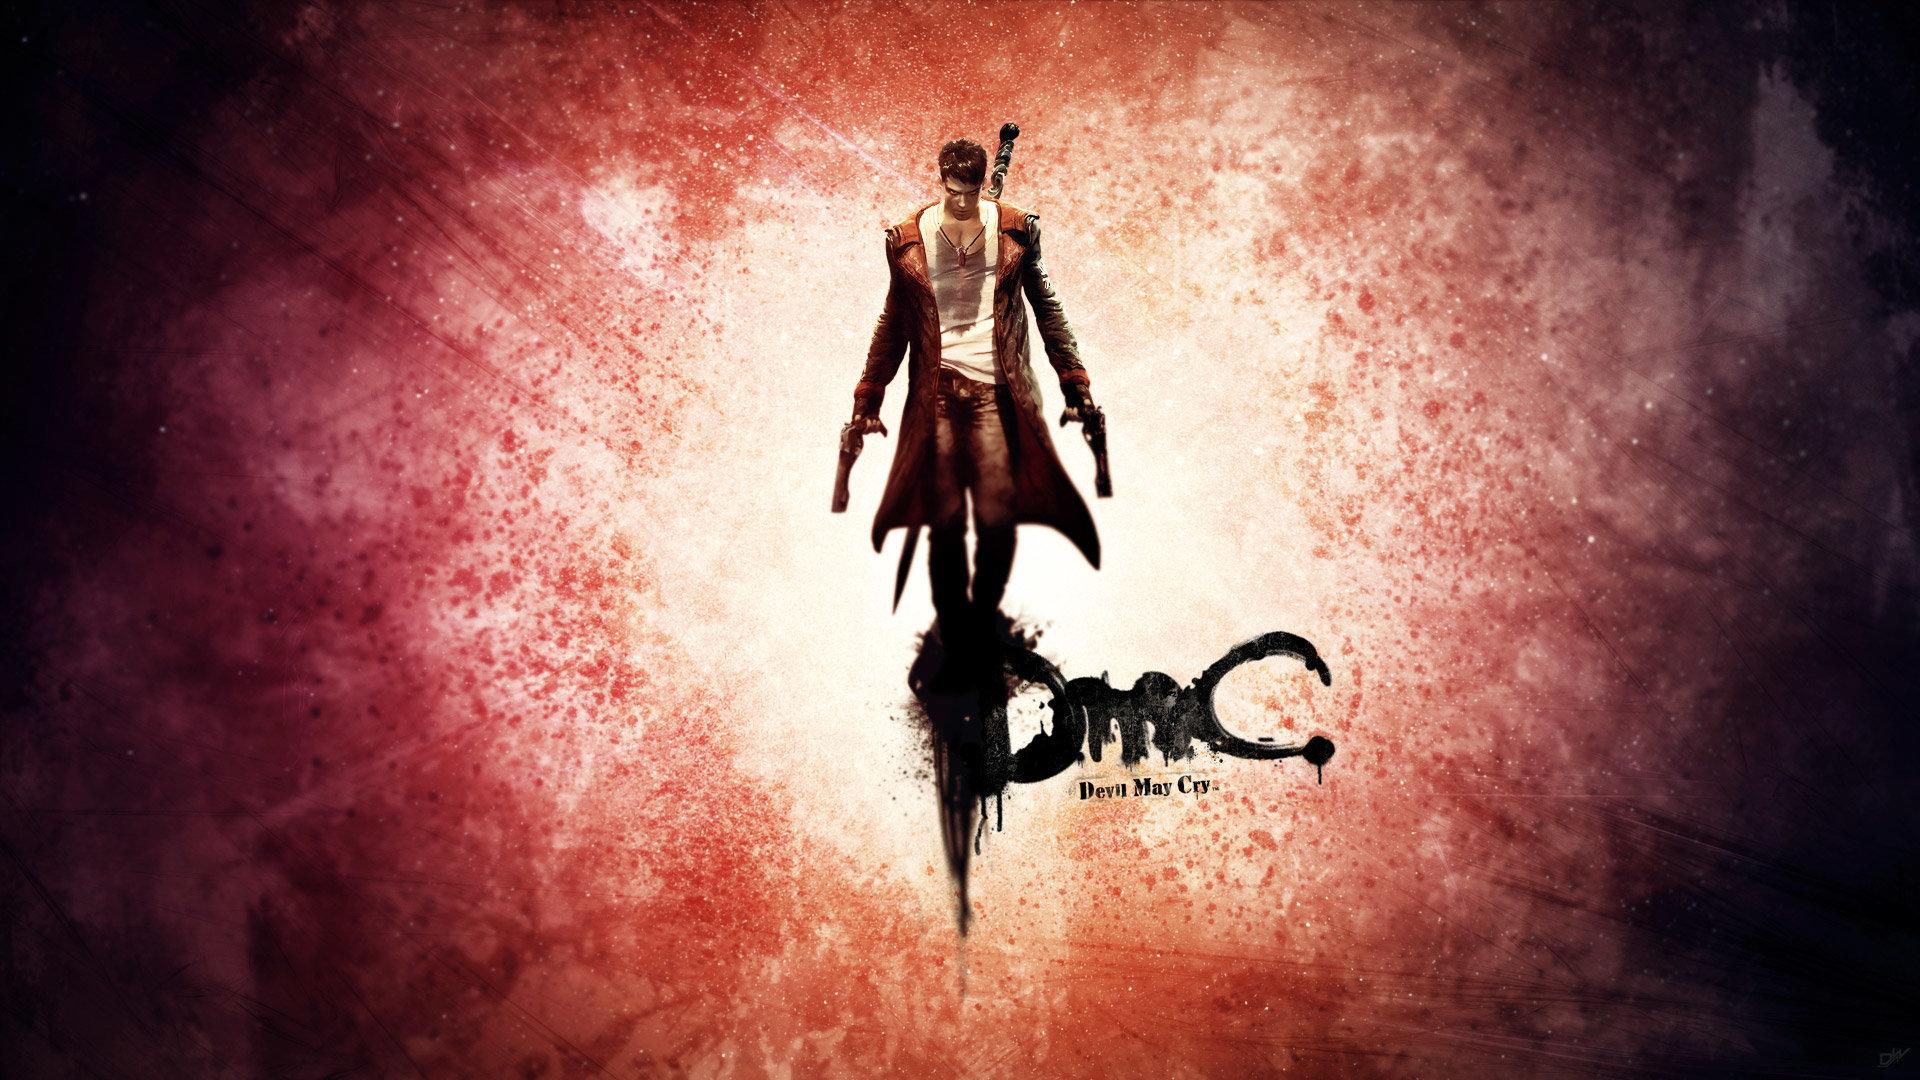 DmC-Devil May Cry  № 1717642 загрузить